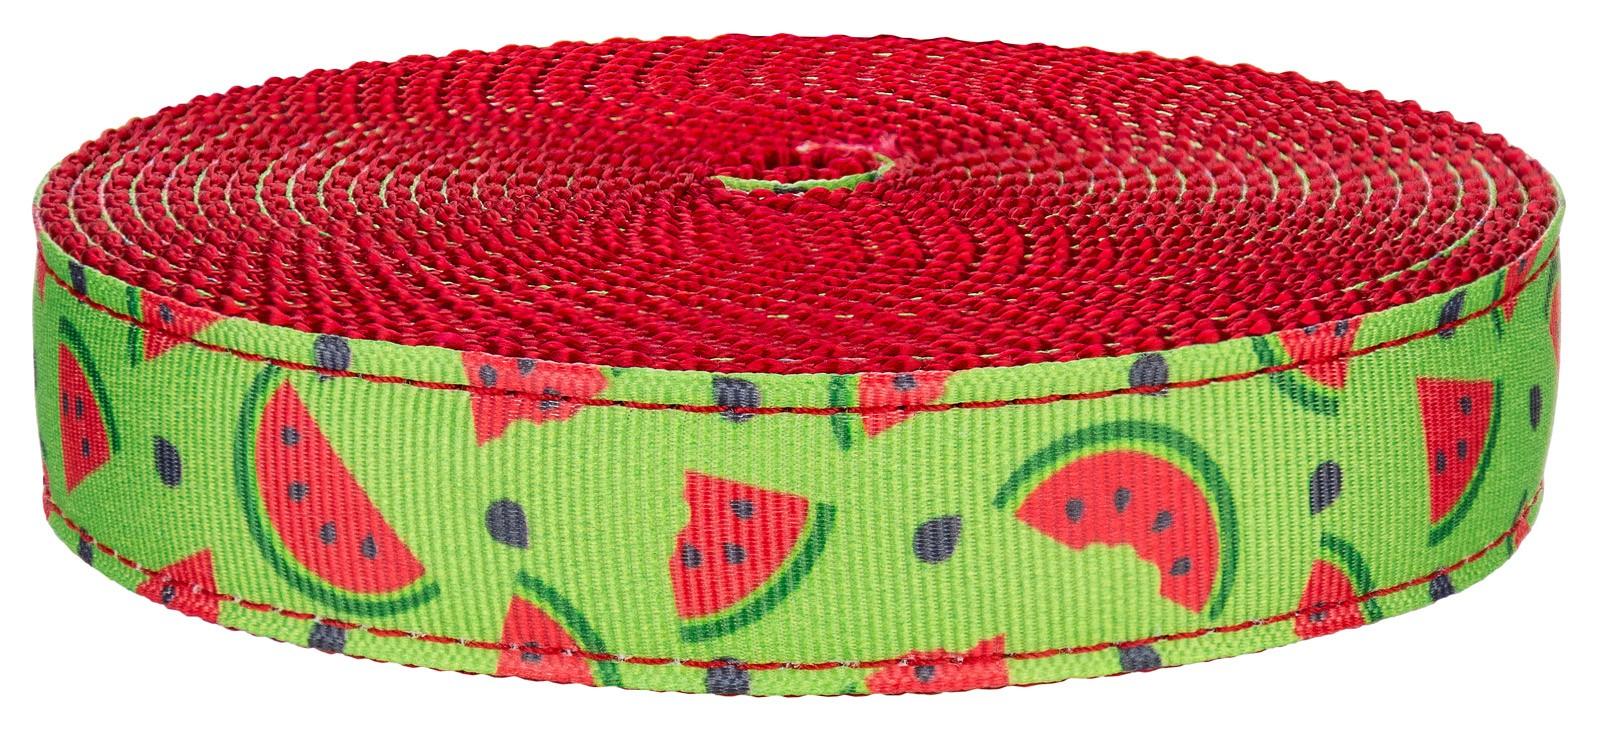 Country Brook Design® Crisp Watermelon Grosgrain Ribbon